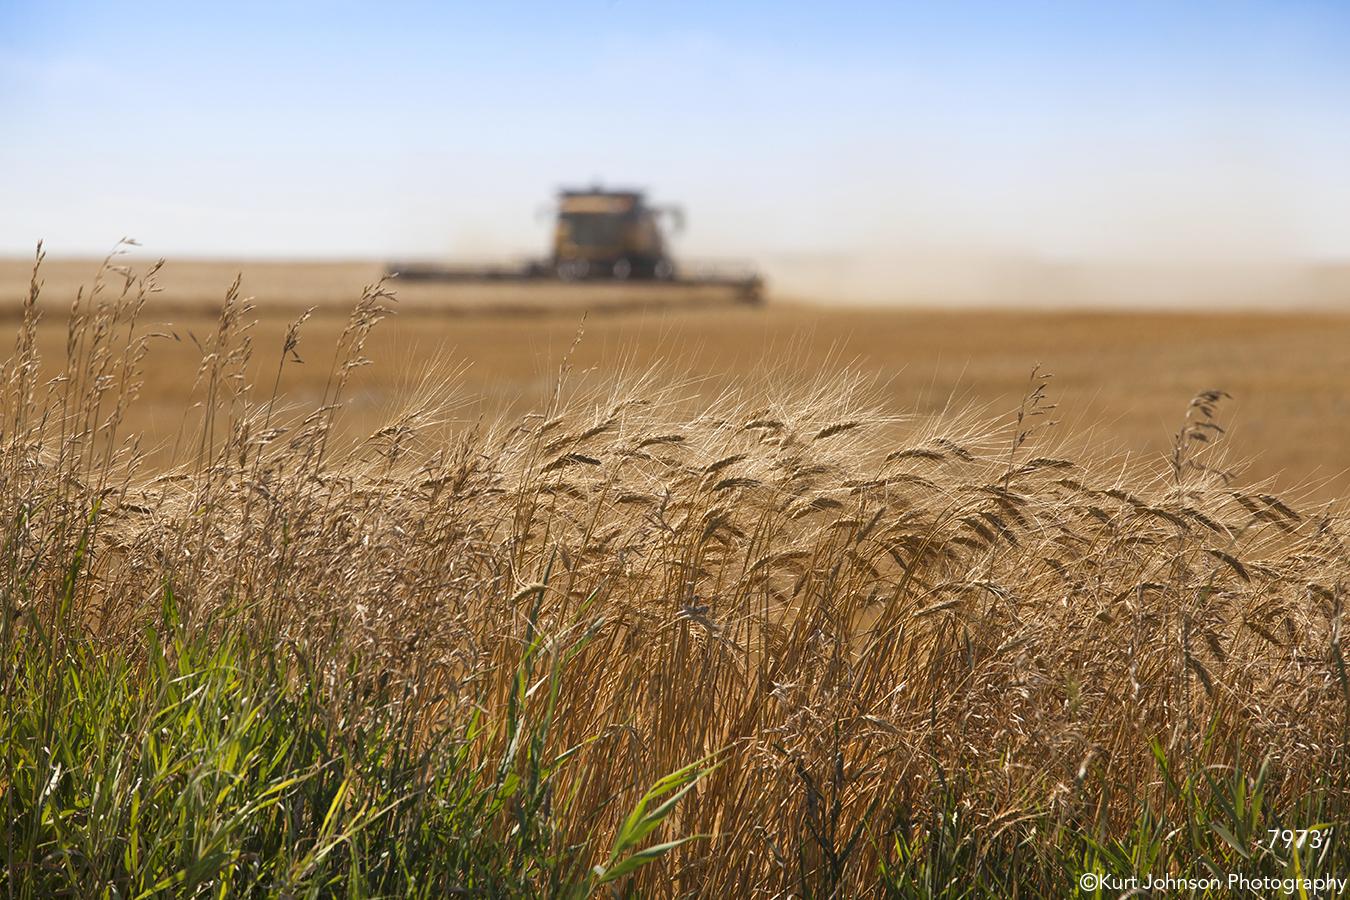 landscape grasses harvest rural farm wheat earthtones brown